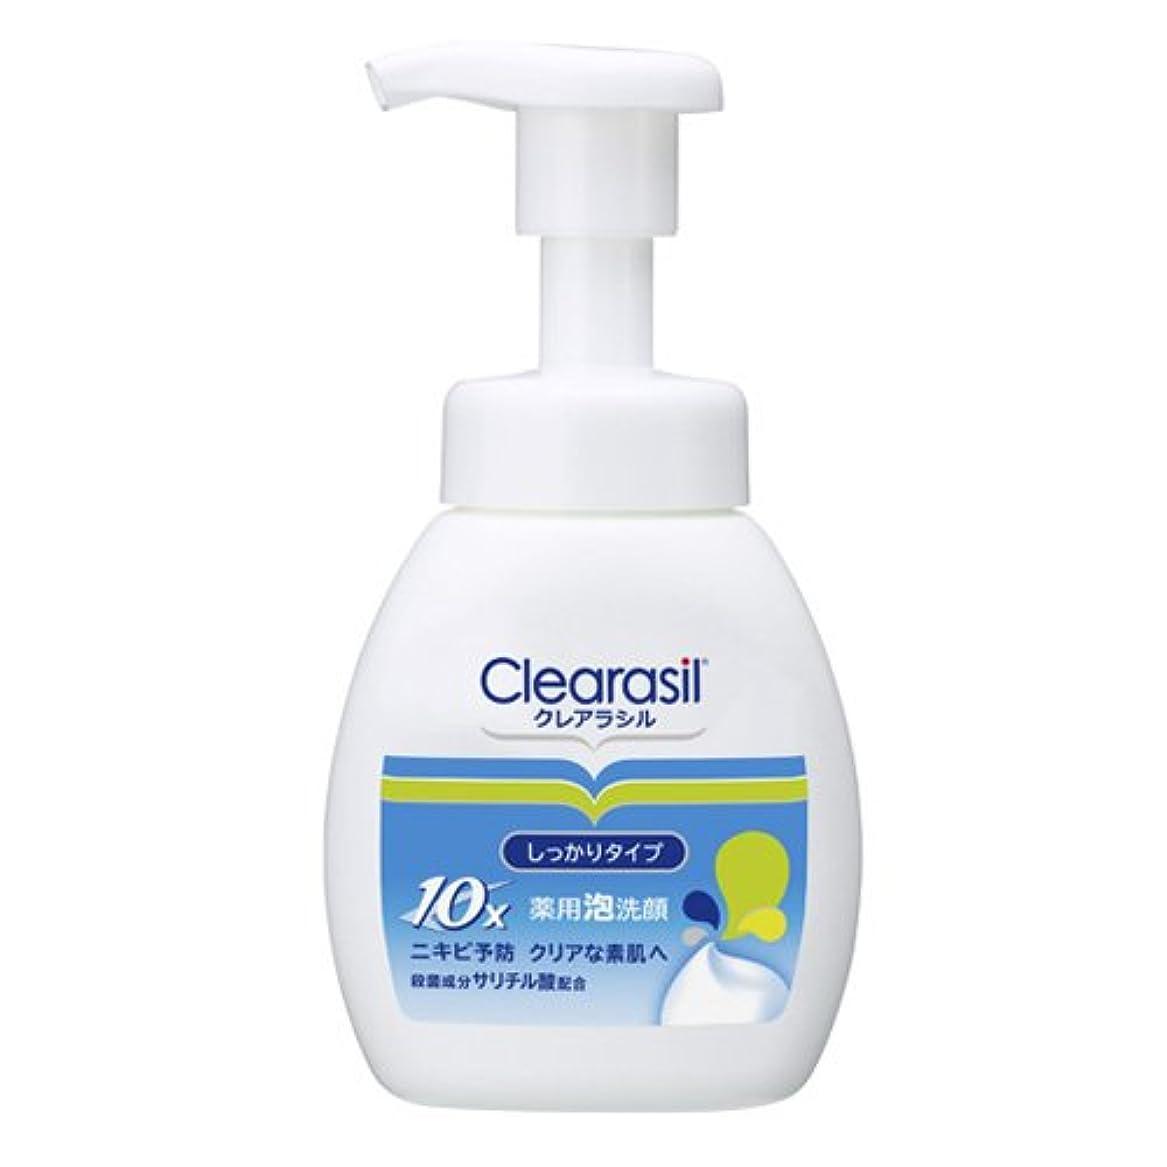 同志寓話塊【clearasil】クレアラシル 薬用泡洗顔フォーム10 (200ml)